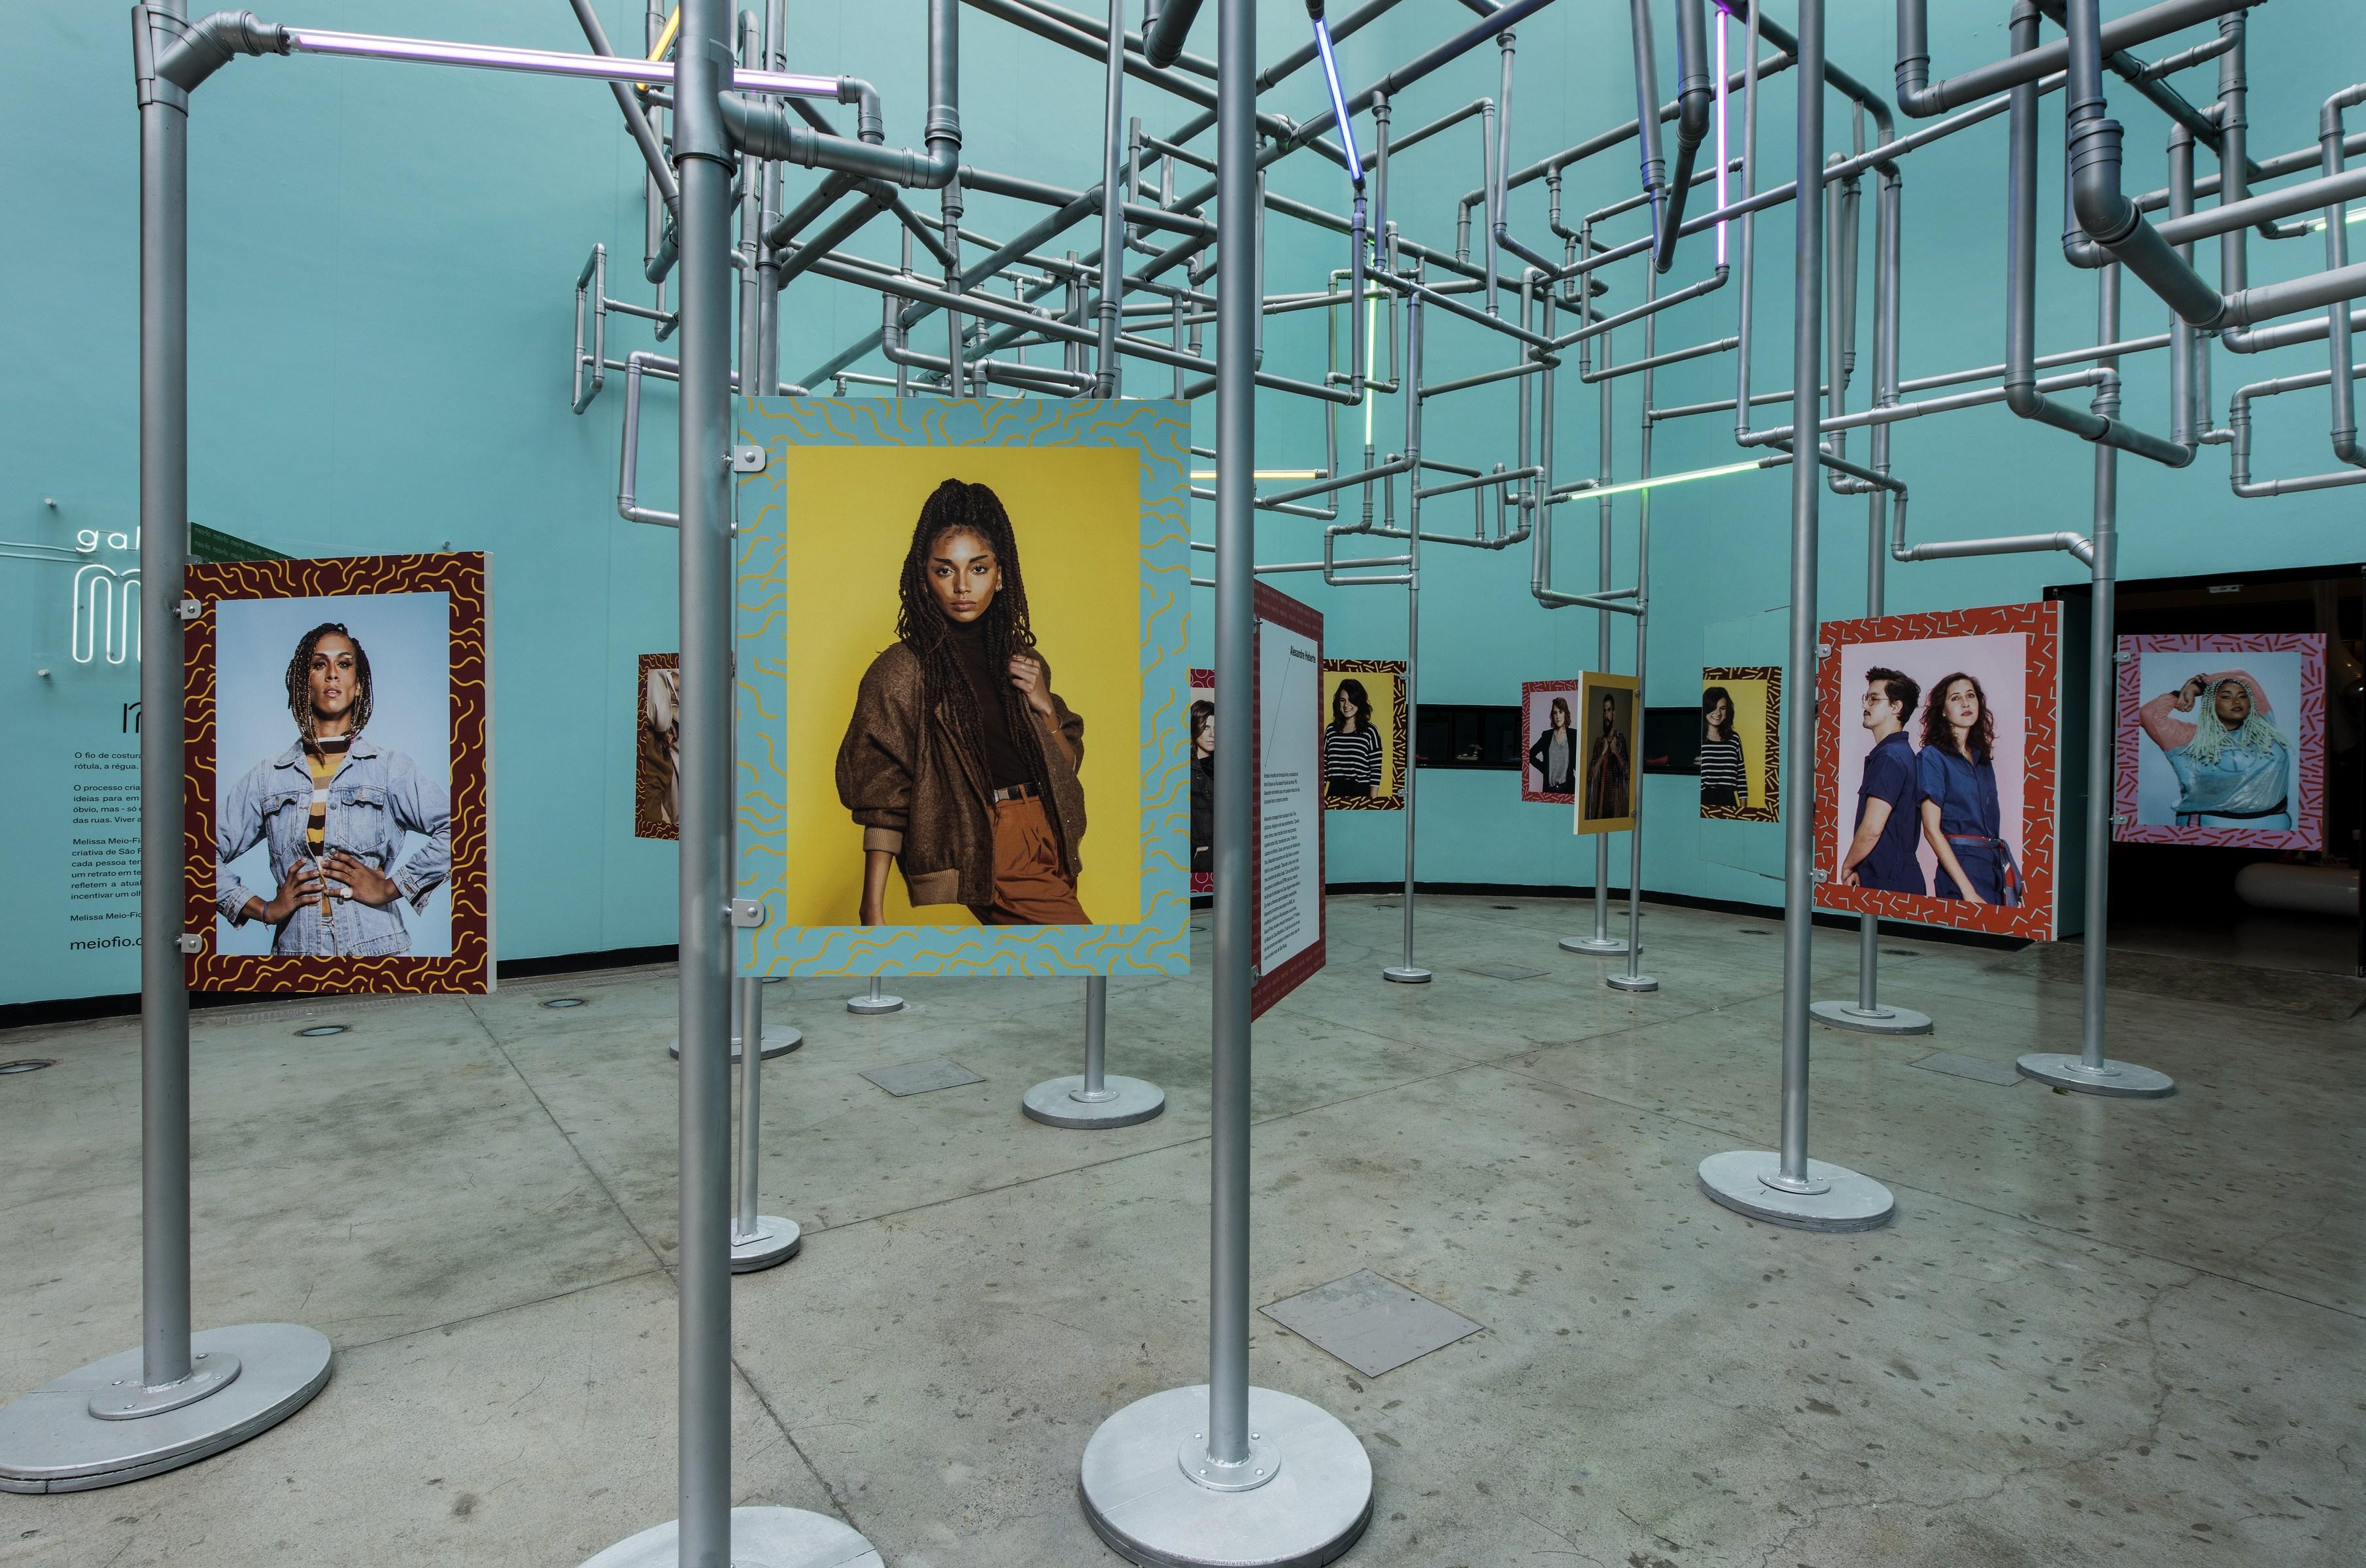 Galeria-Melissa-Meio-Fio